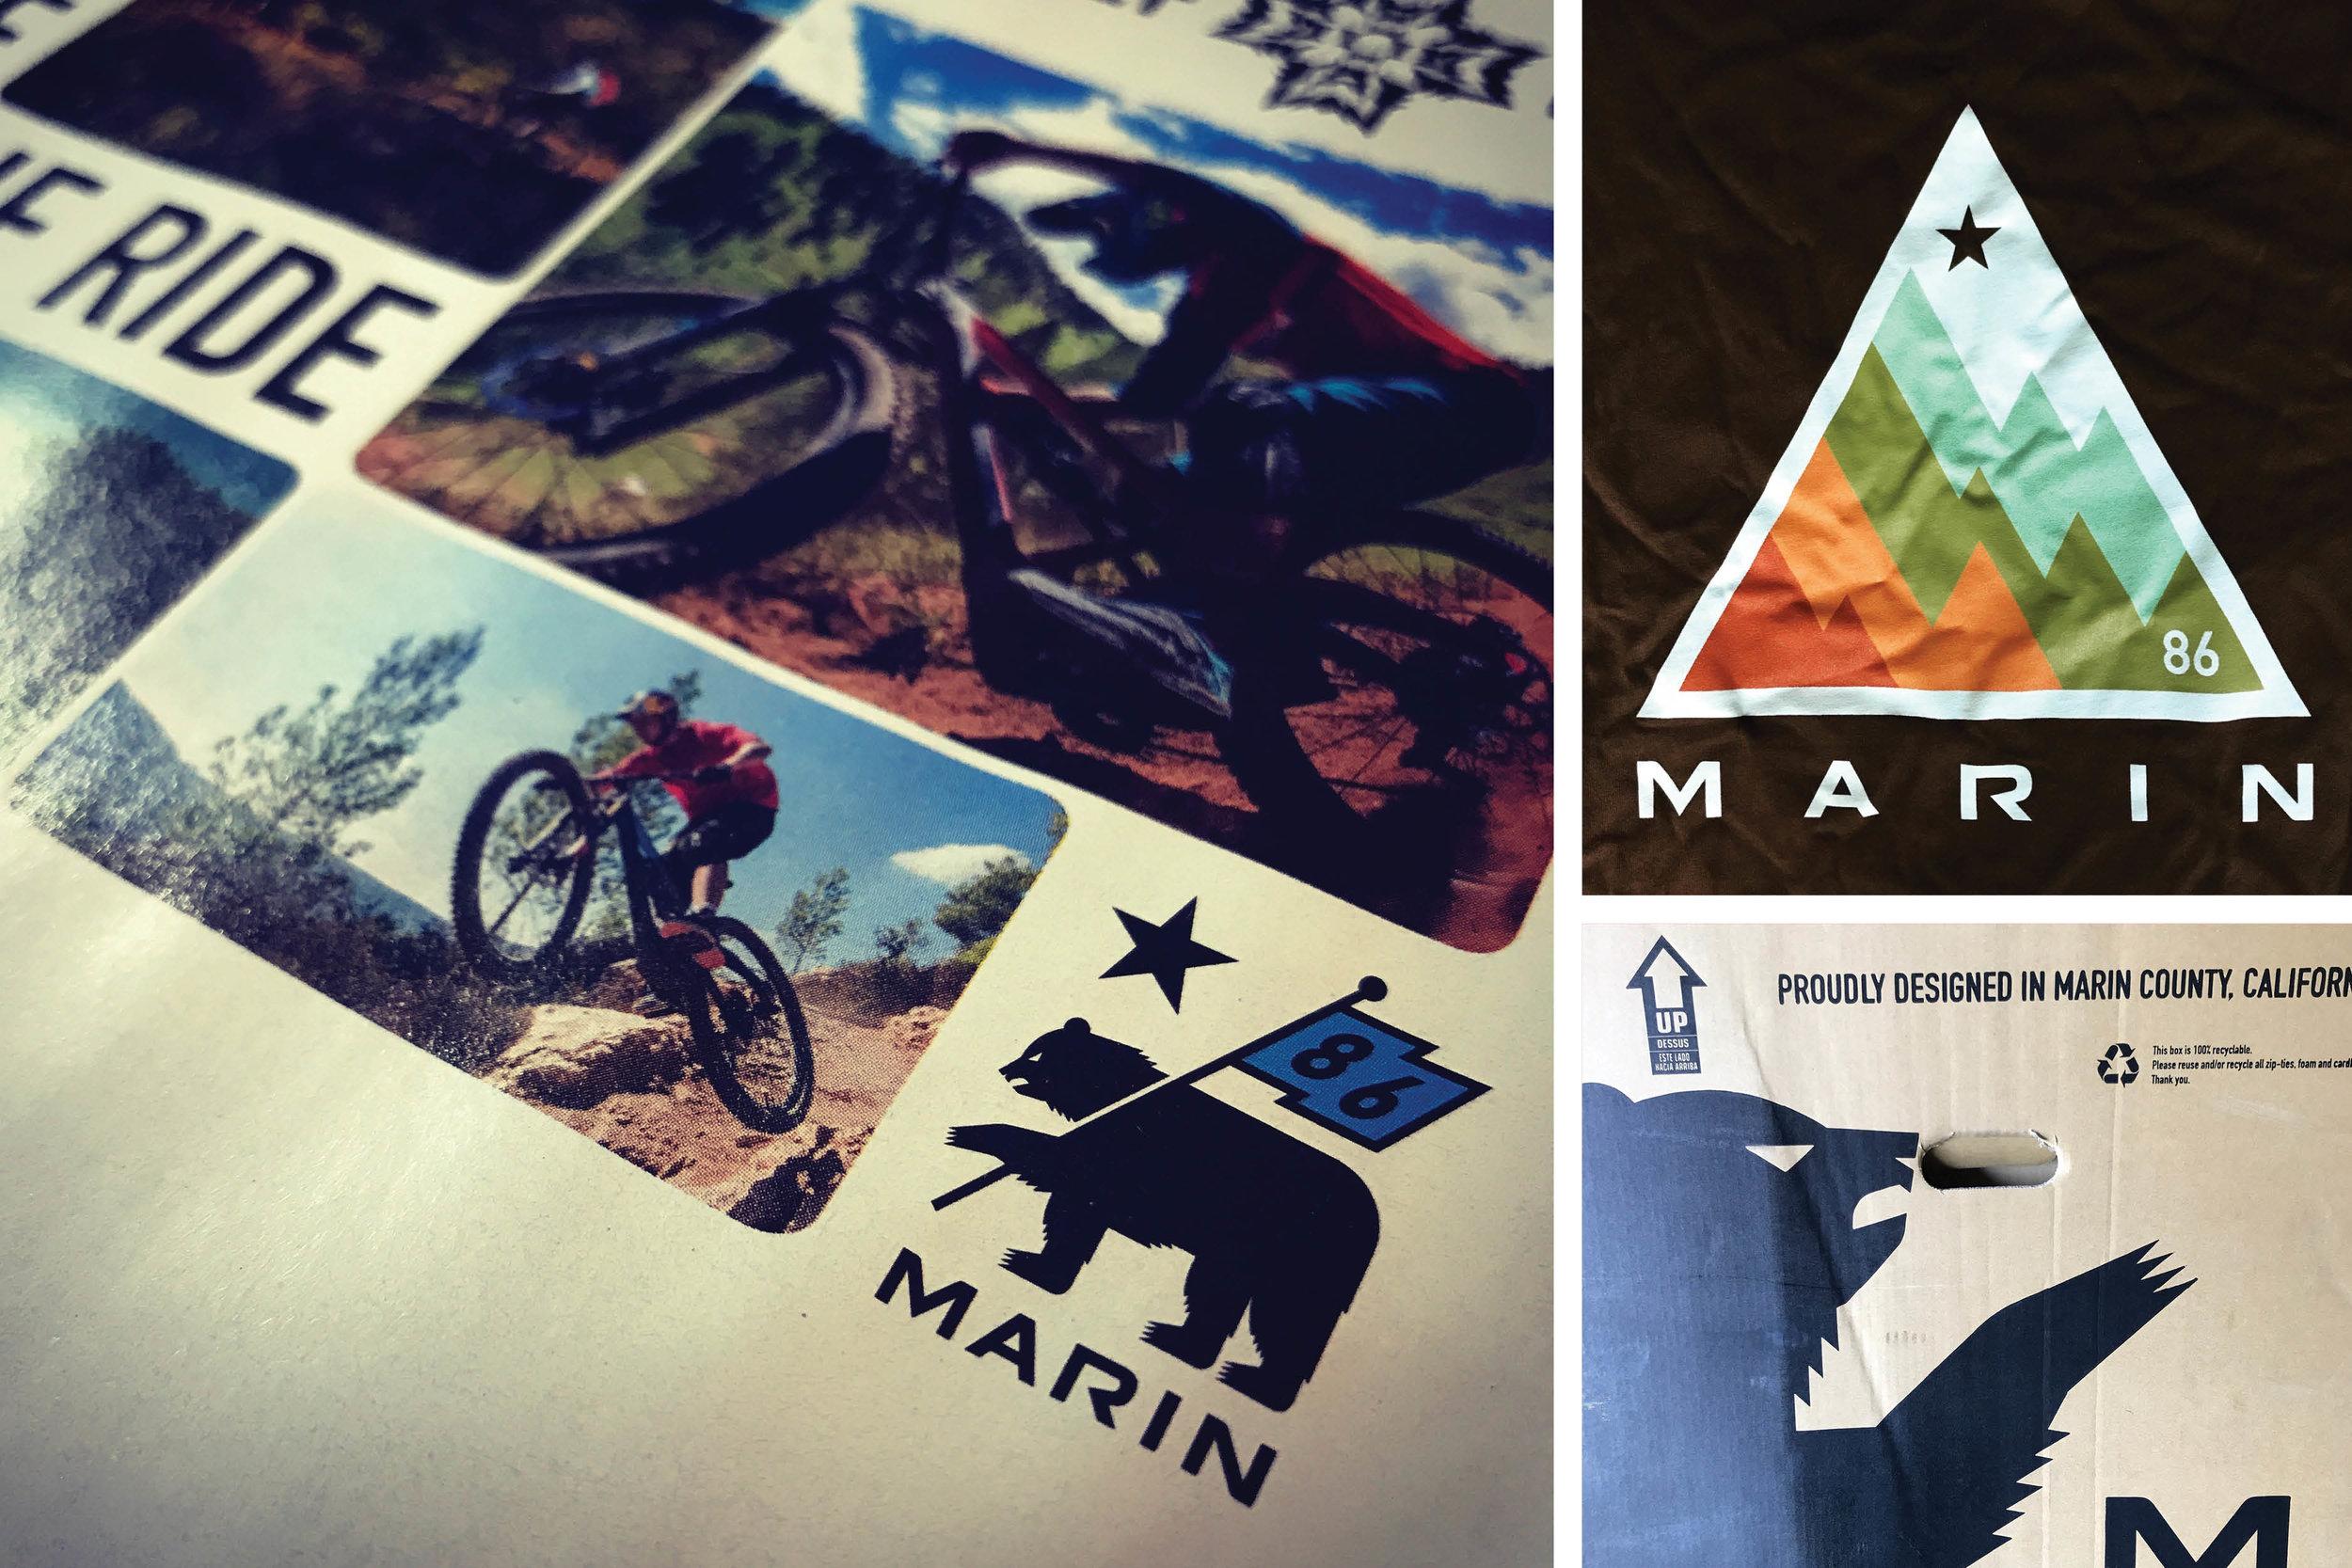 Marin_Brand 1.jpg